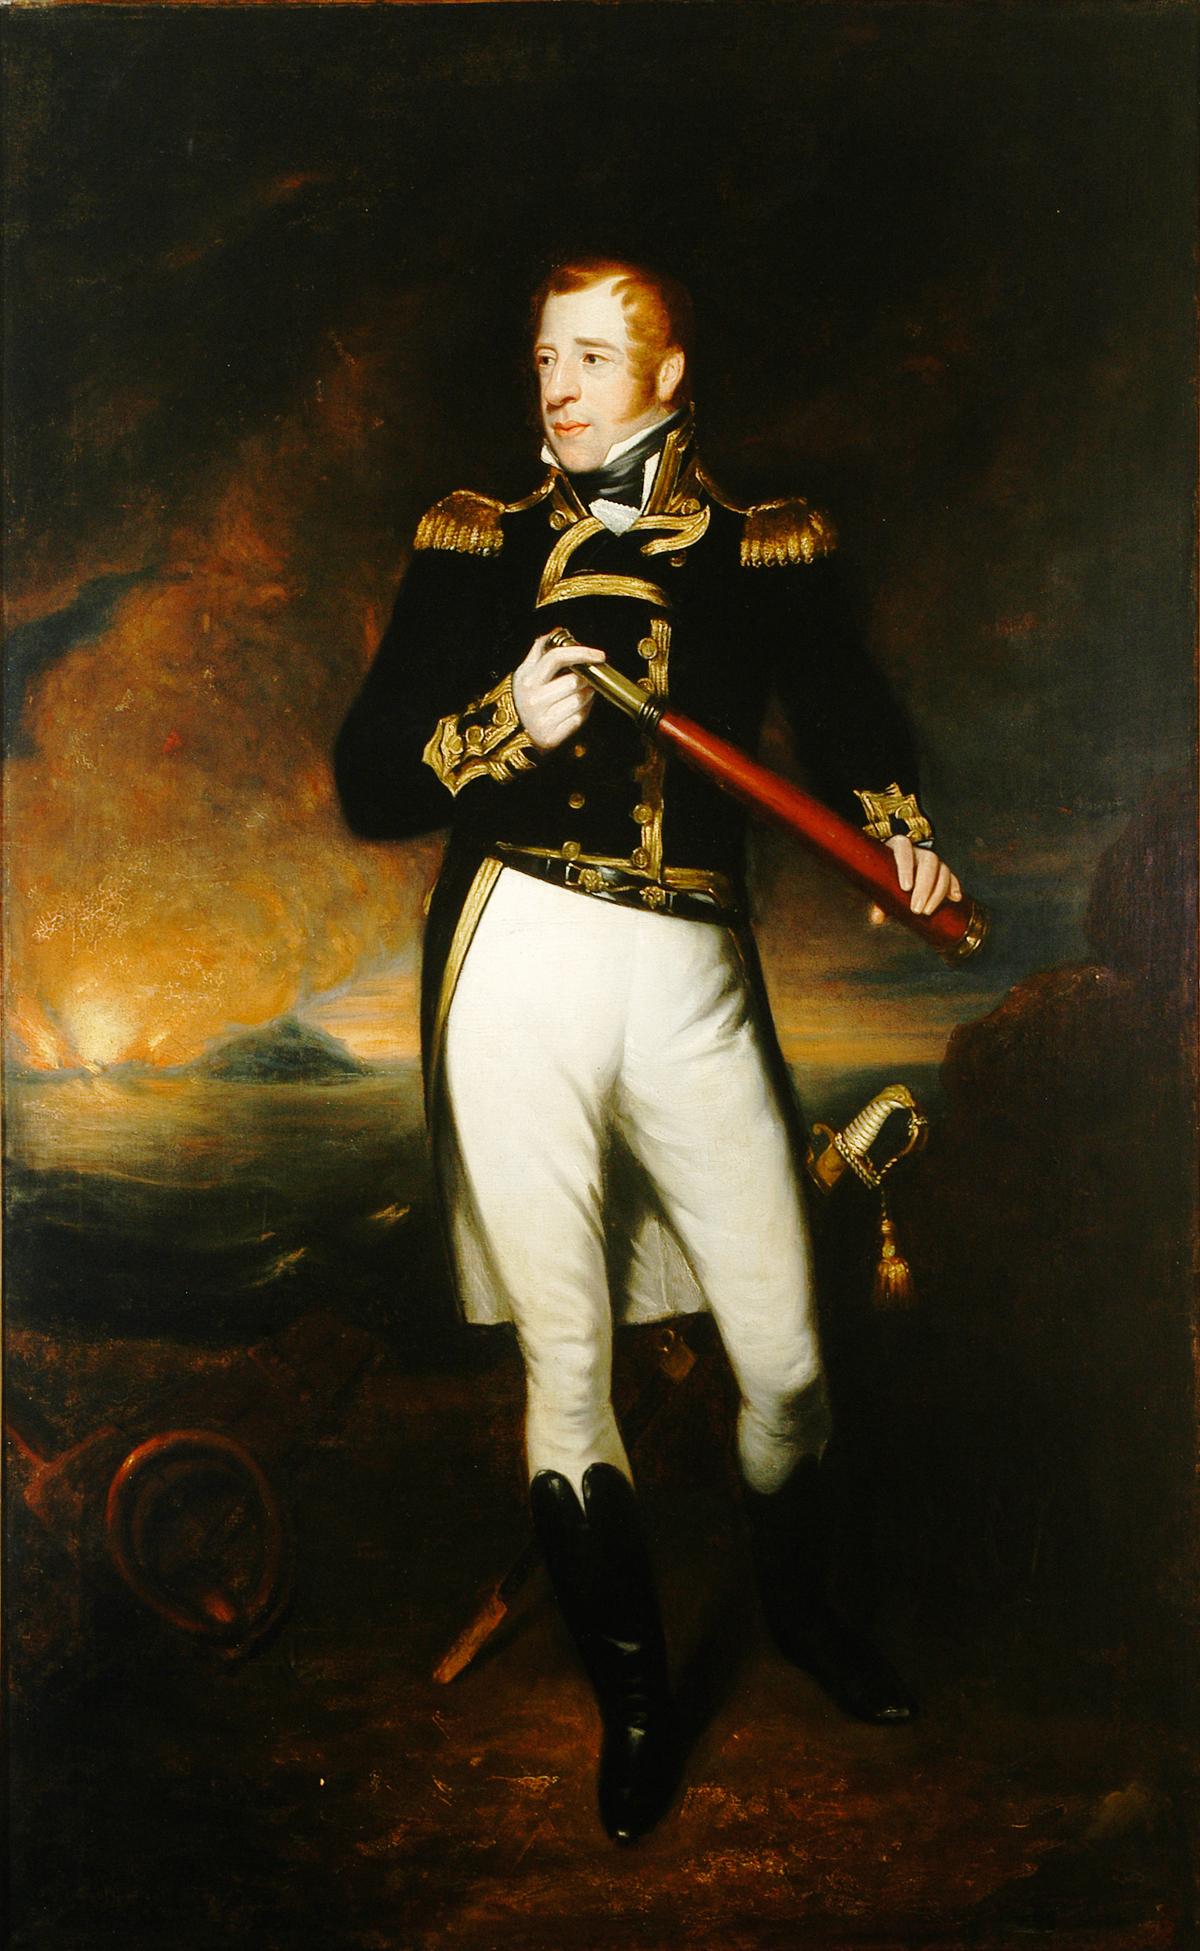 Veja o que saiu no Migalhas sobre Thomas Cochrane, 10º Conde de Dundonald